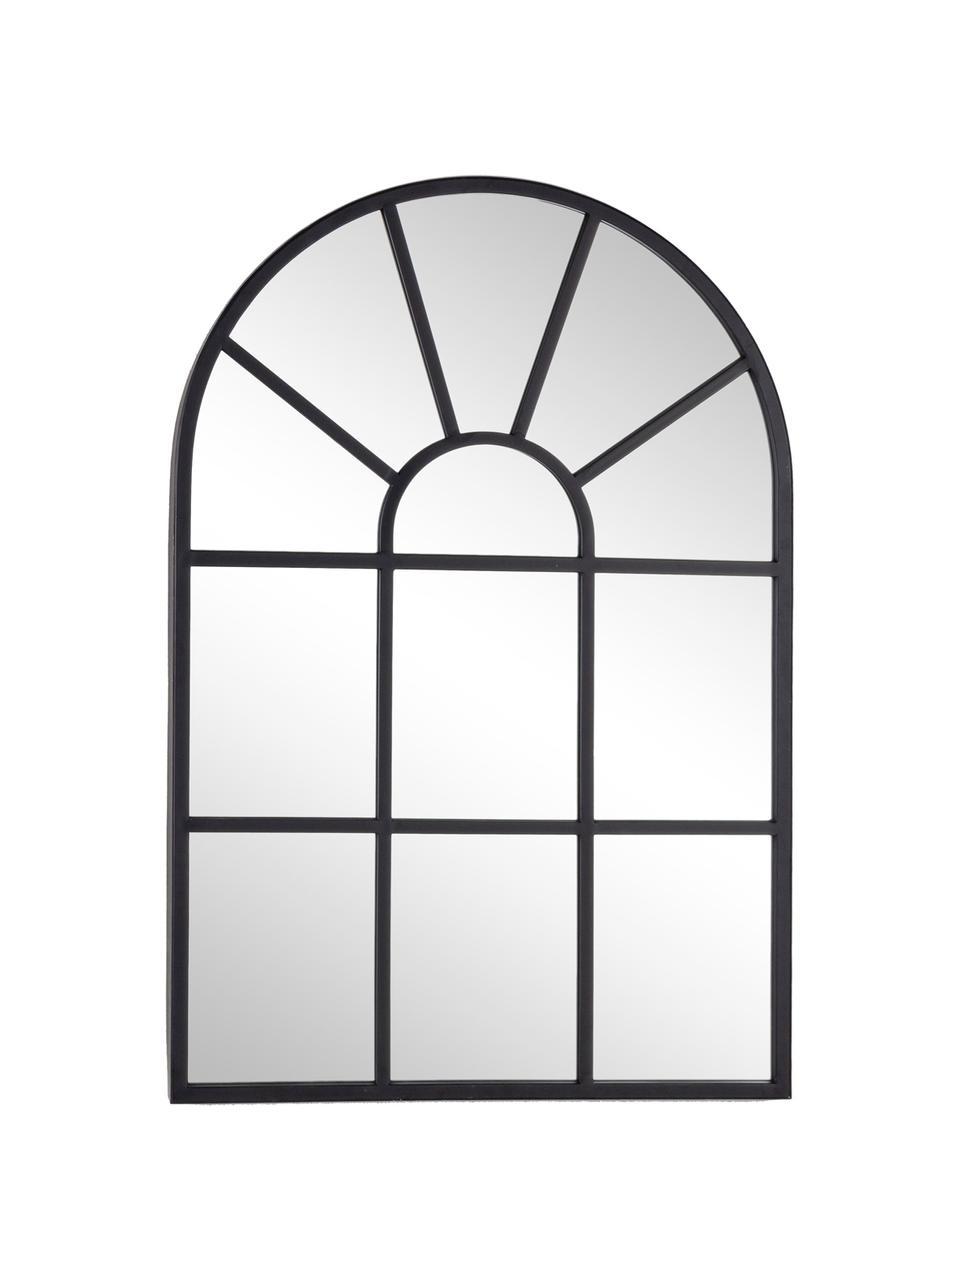 Wandspiegel Reflix mit schwarzem Metallrahmen, Rahmen: Metall, beschichtet, Spiegelfläche: Spiegelglas, Schwarz, 58 x 87 cm